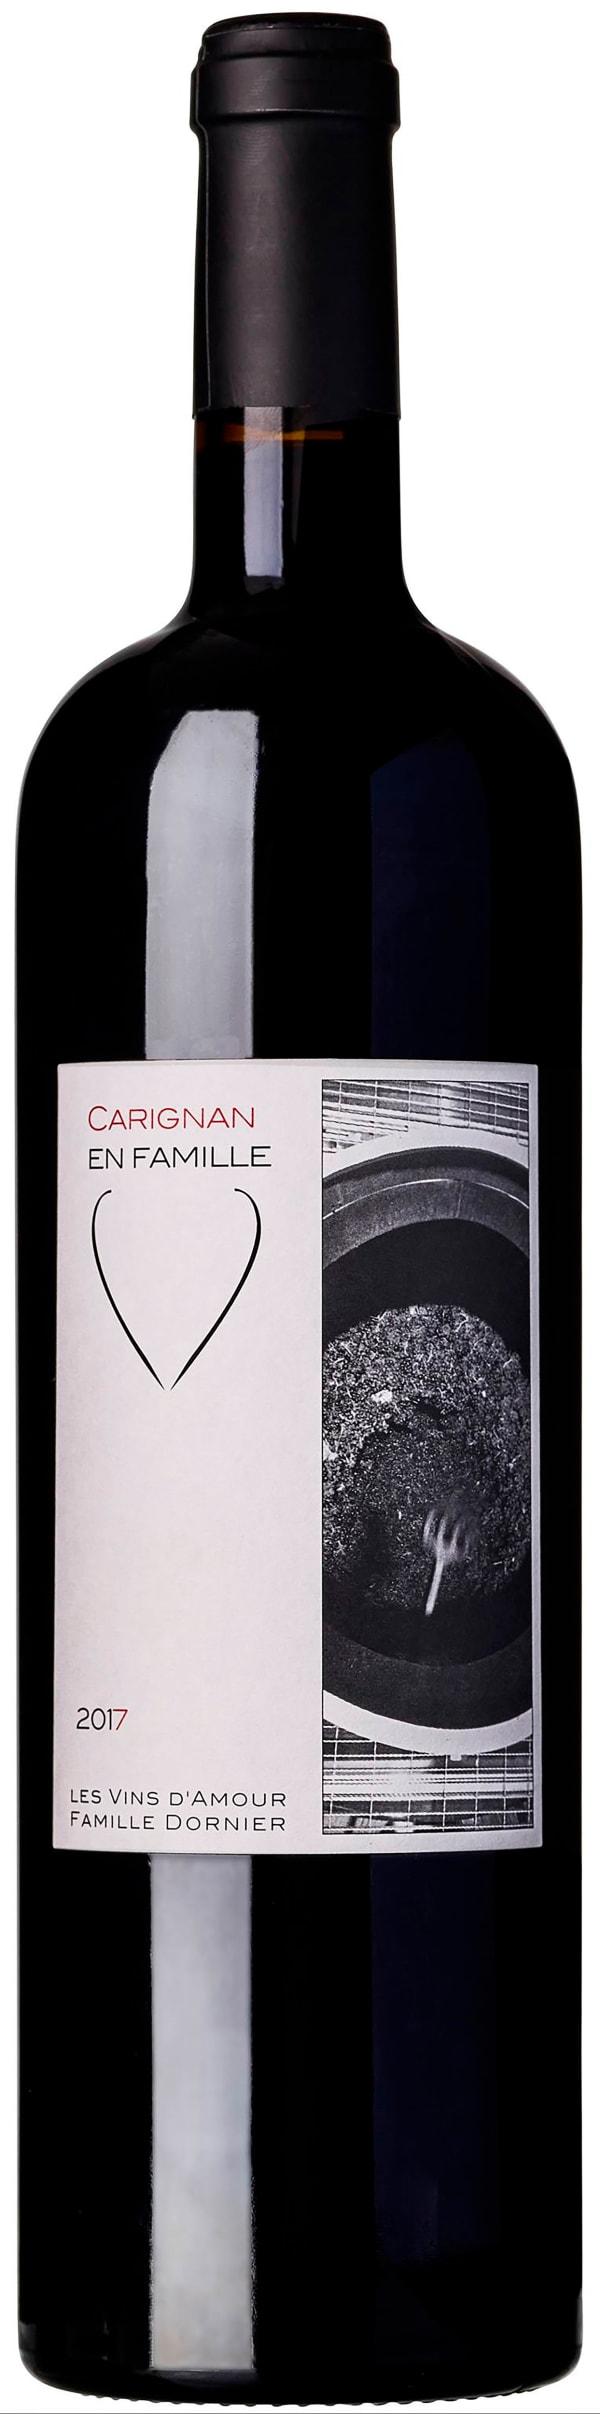 Clos des Vins d'Amour Carignan en Famille 2017